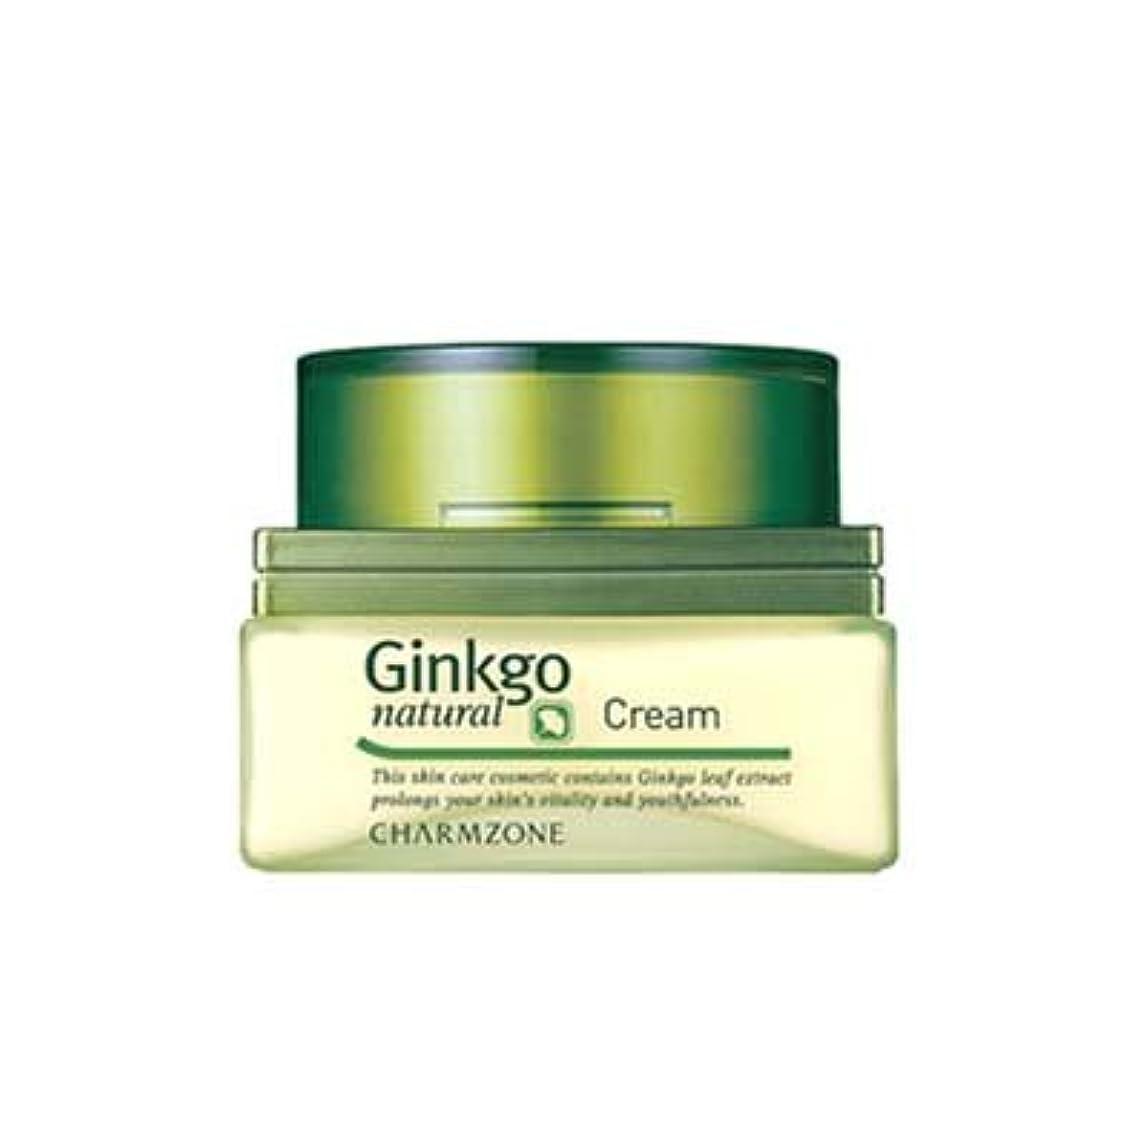 ホーム被害者オペレーターチャームゾーン Ginkgo natural (ジンコナチュラル) クリーム 60ml